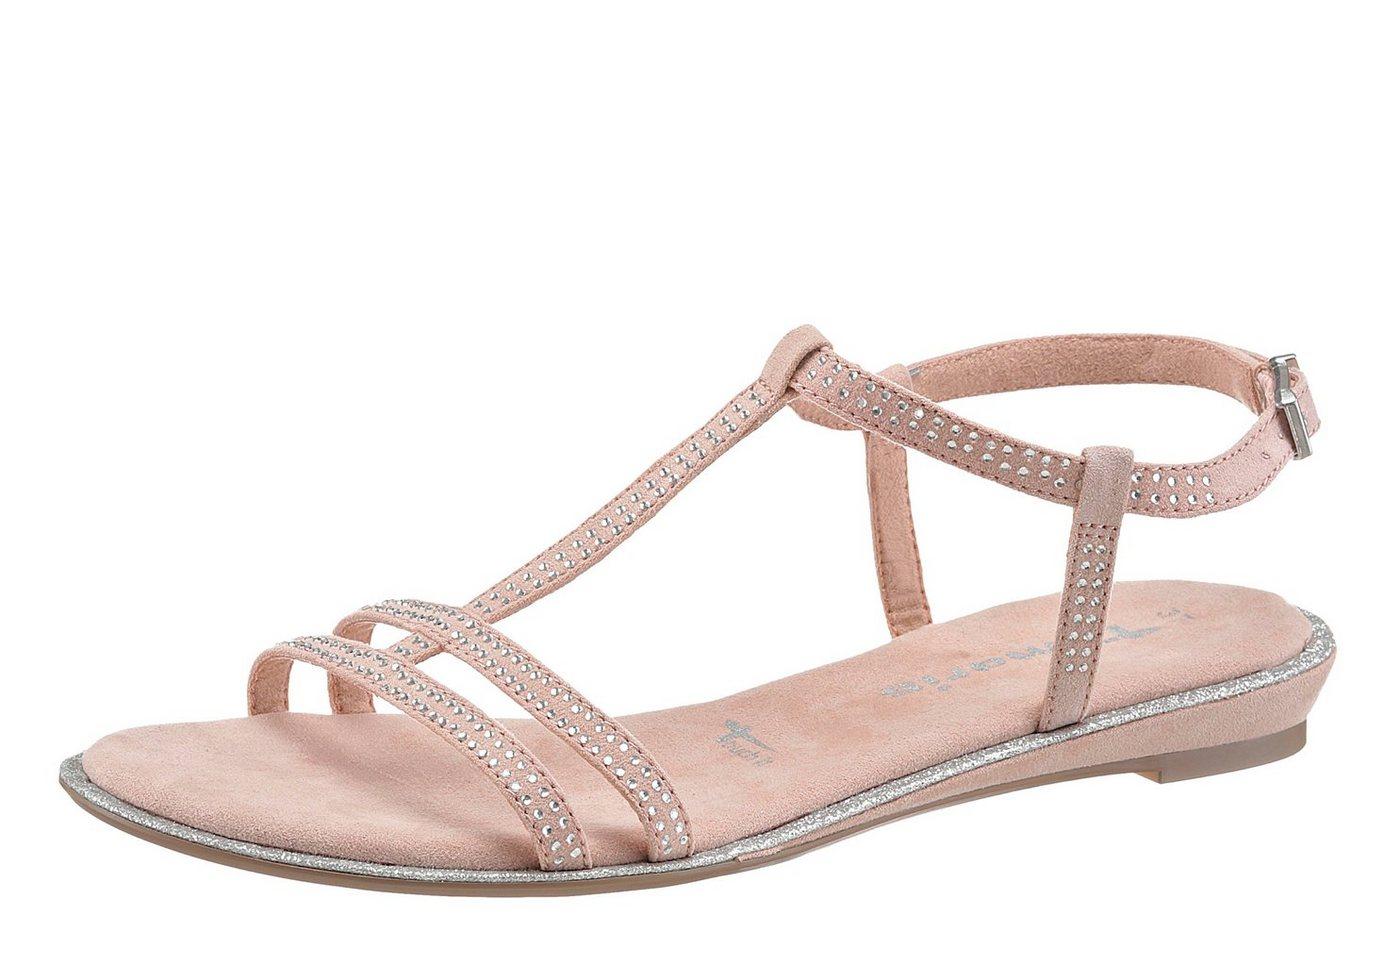 nu 15 korting tamaris sandalen met fonkelende steentjes. Black Bedroom Furniture Sets. Home Design Ideas